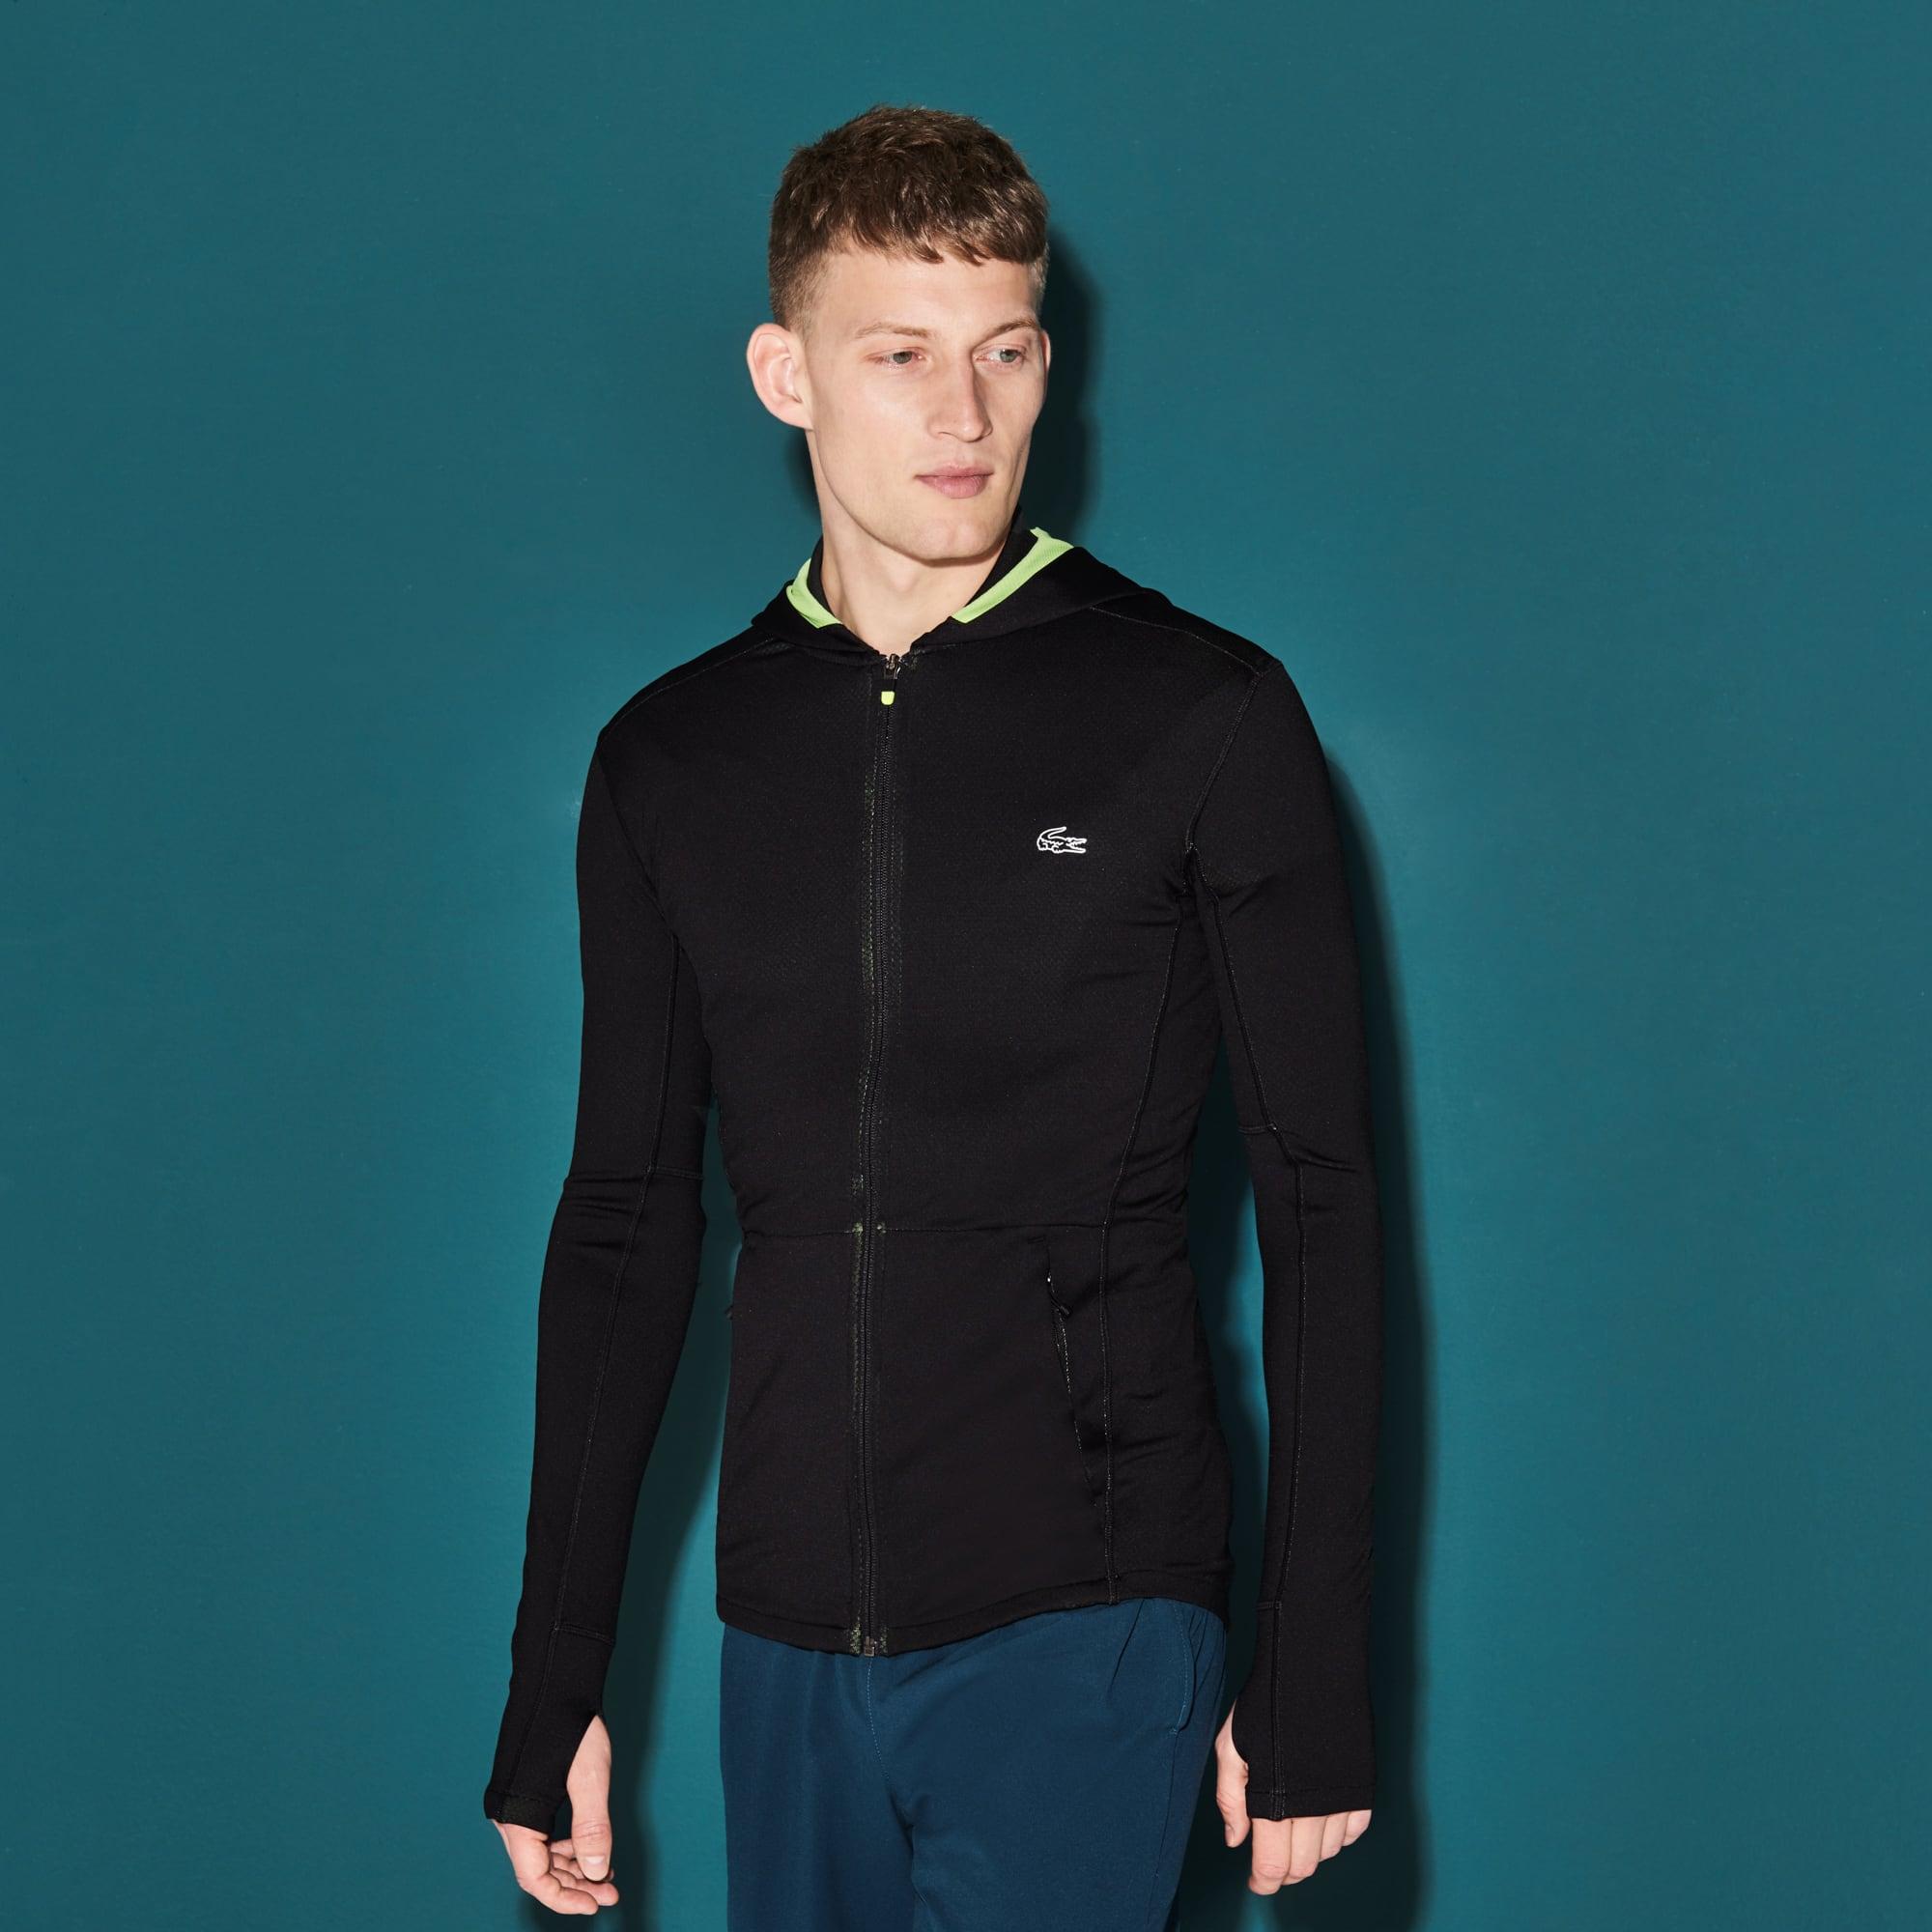 Men's Lacoste SPORT Bicolor Midlayer Hooded Zip Tennis Sweatshirt